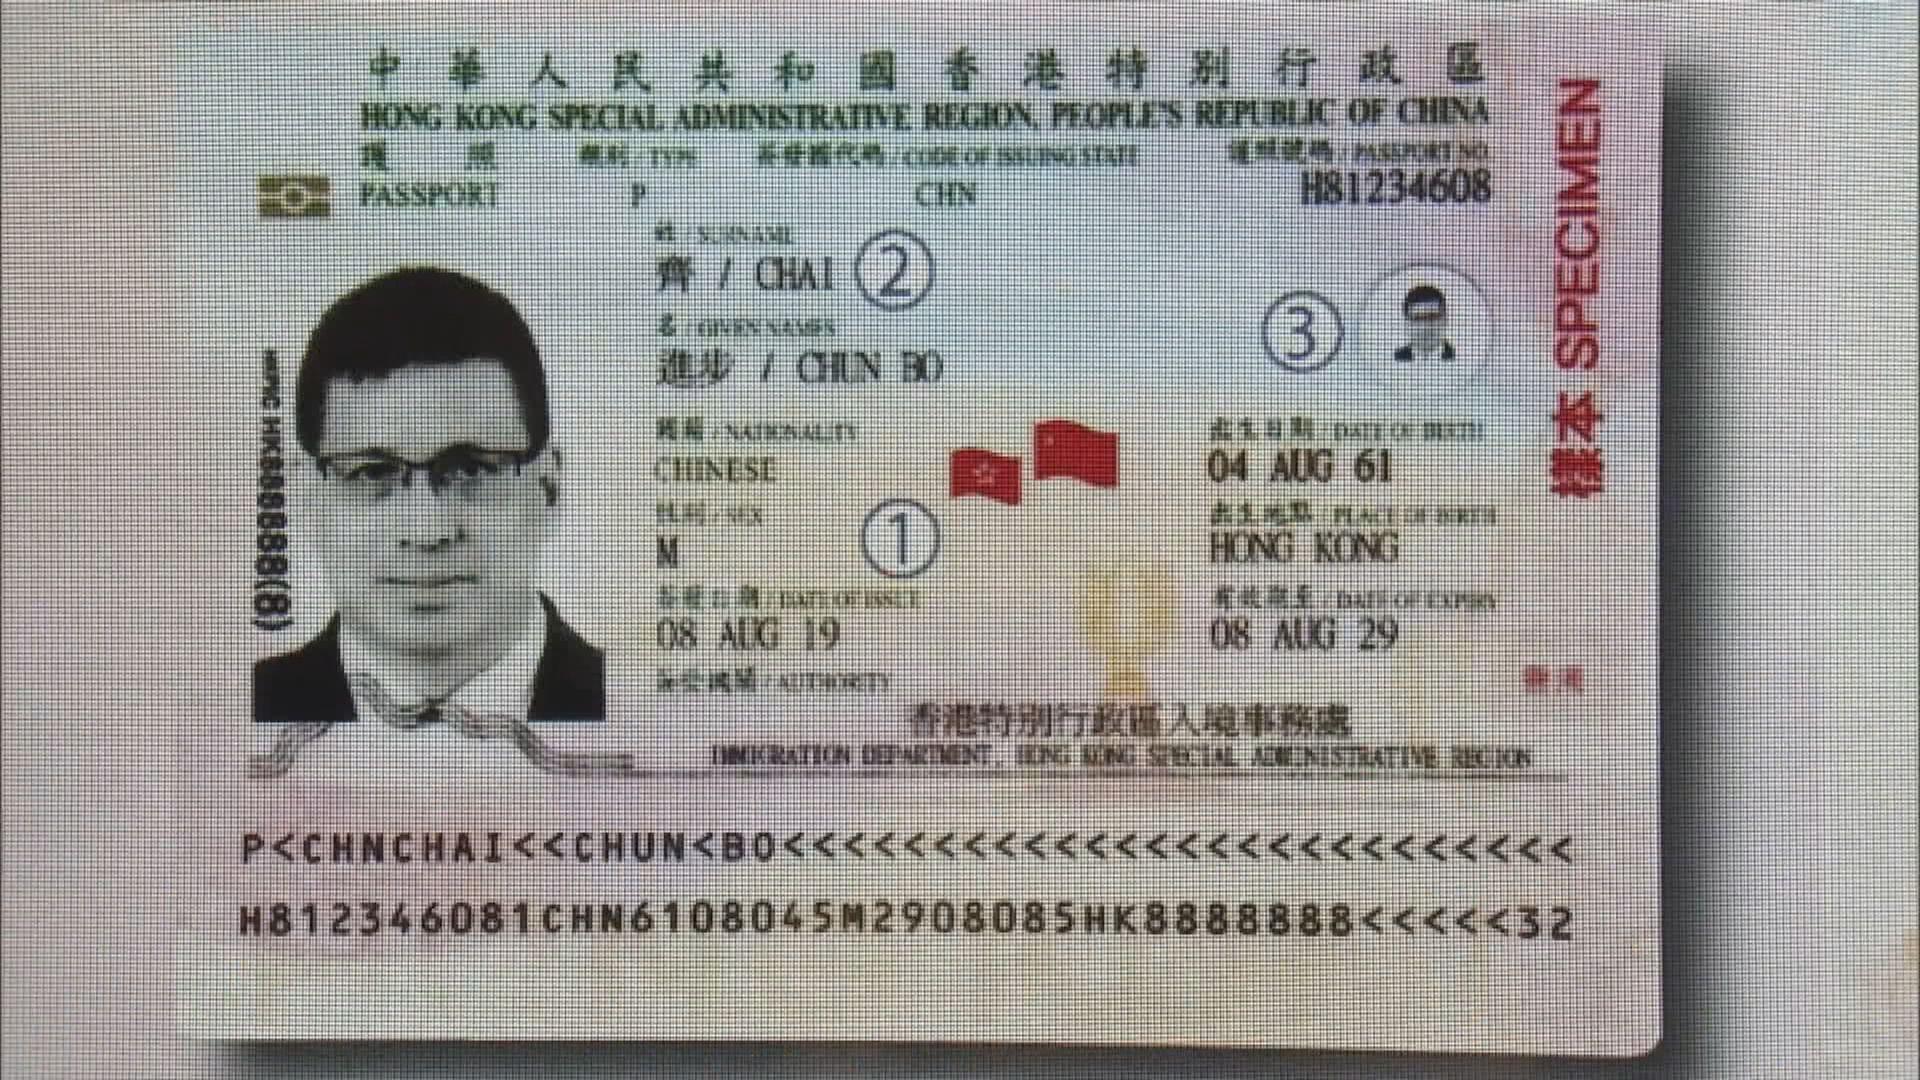 下周二起可申請新一代電子特區護照